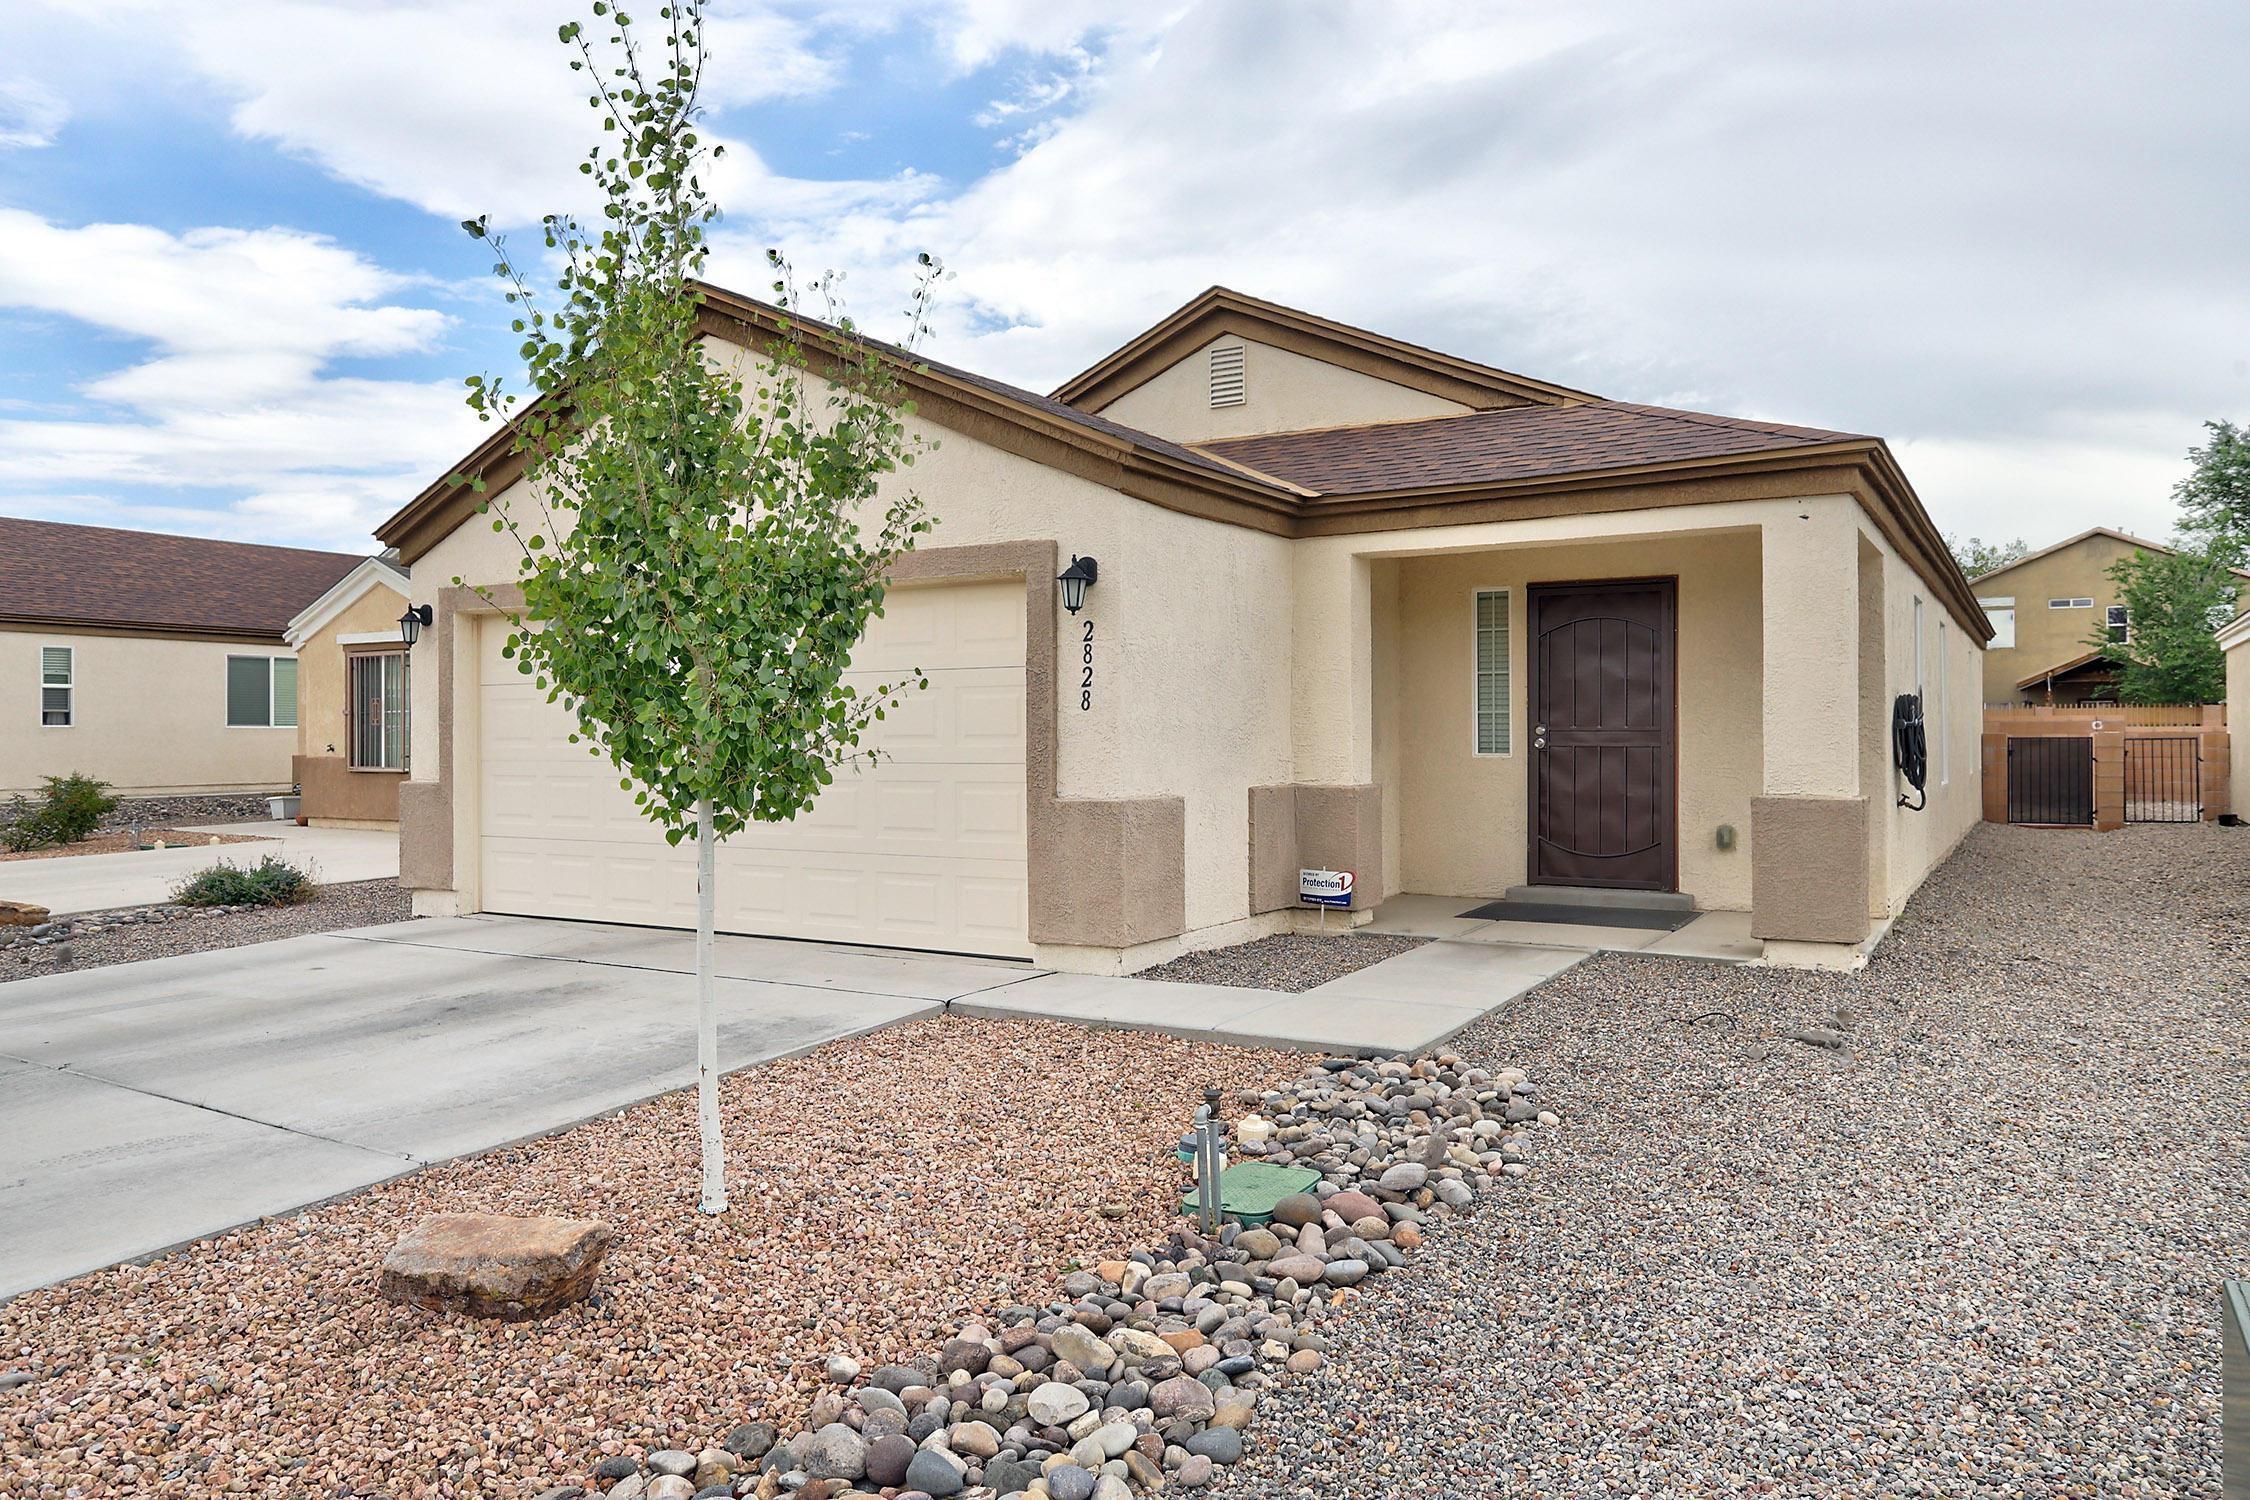 2828 BACO NOIR Drive, Albuquerque NM 87121